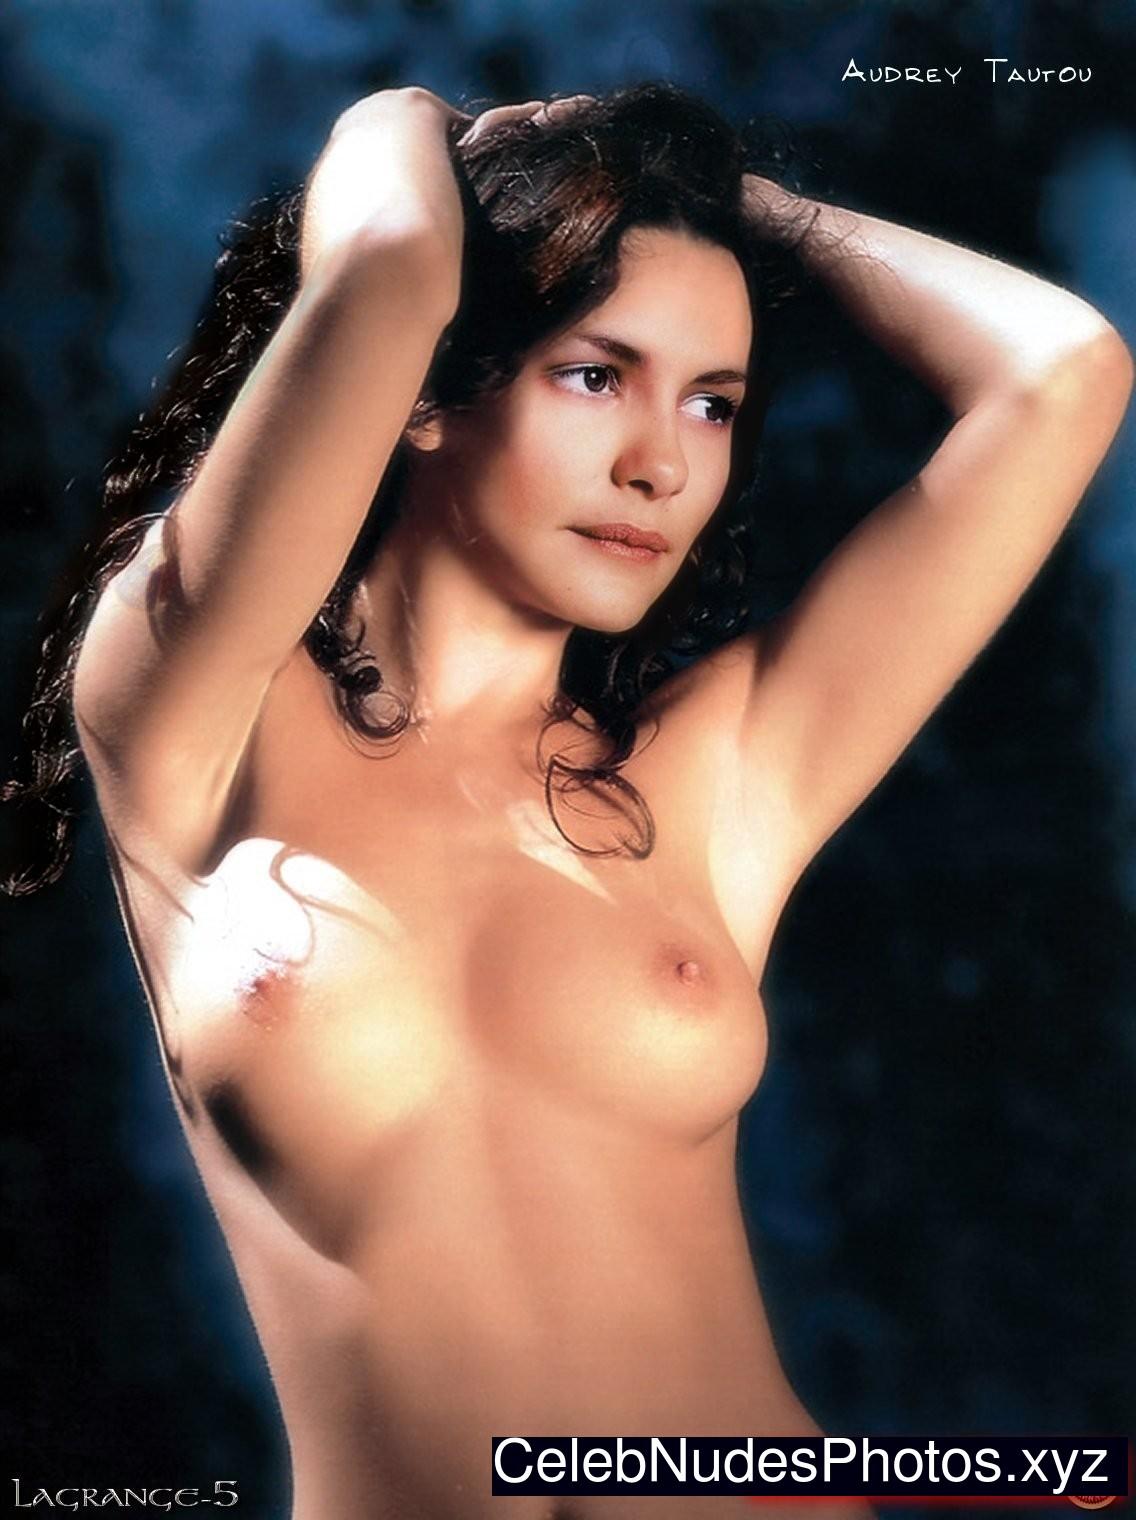 Audrey tautou topless